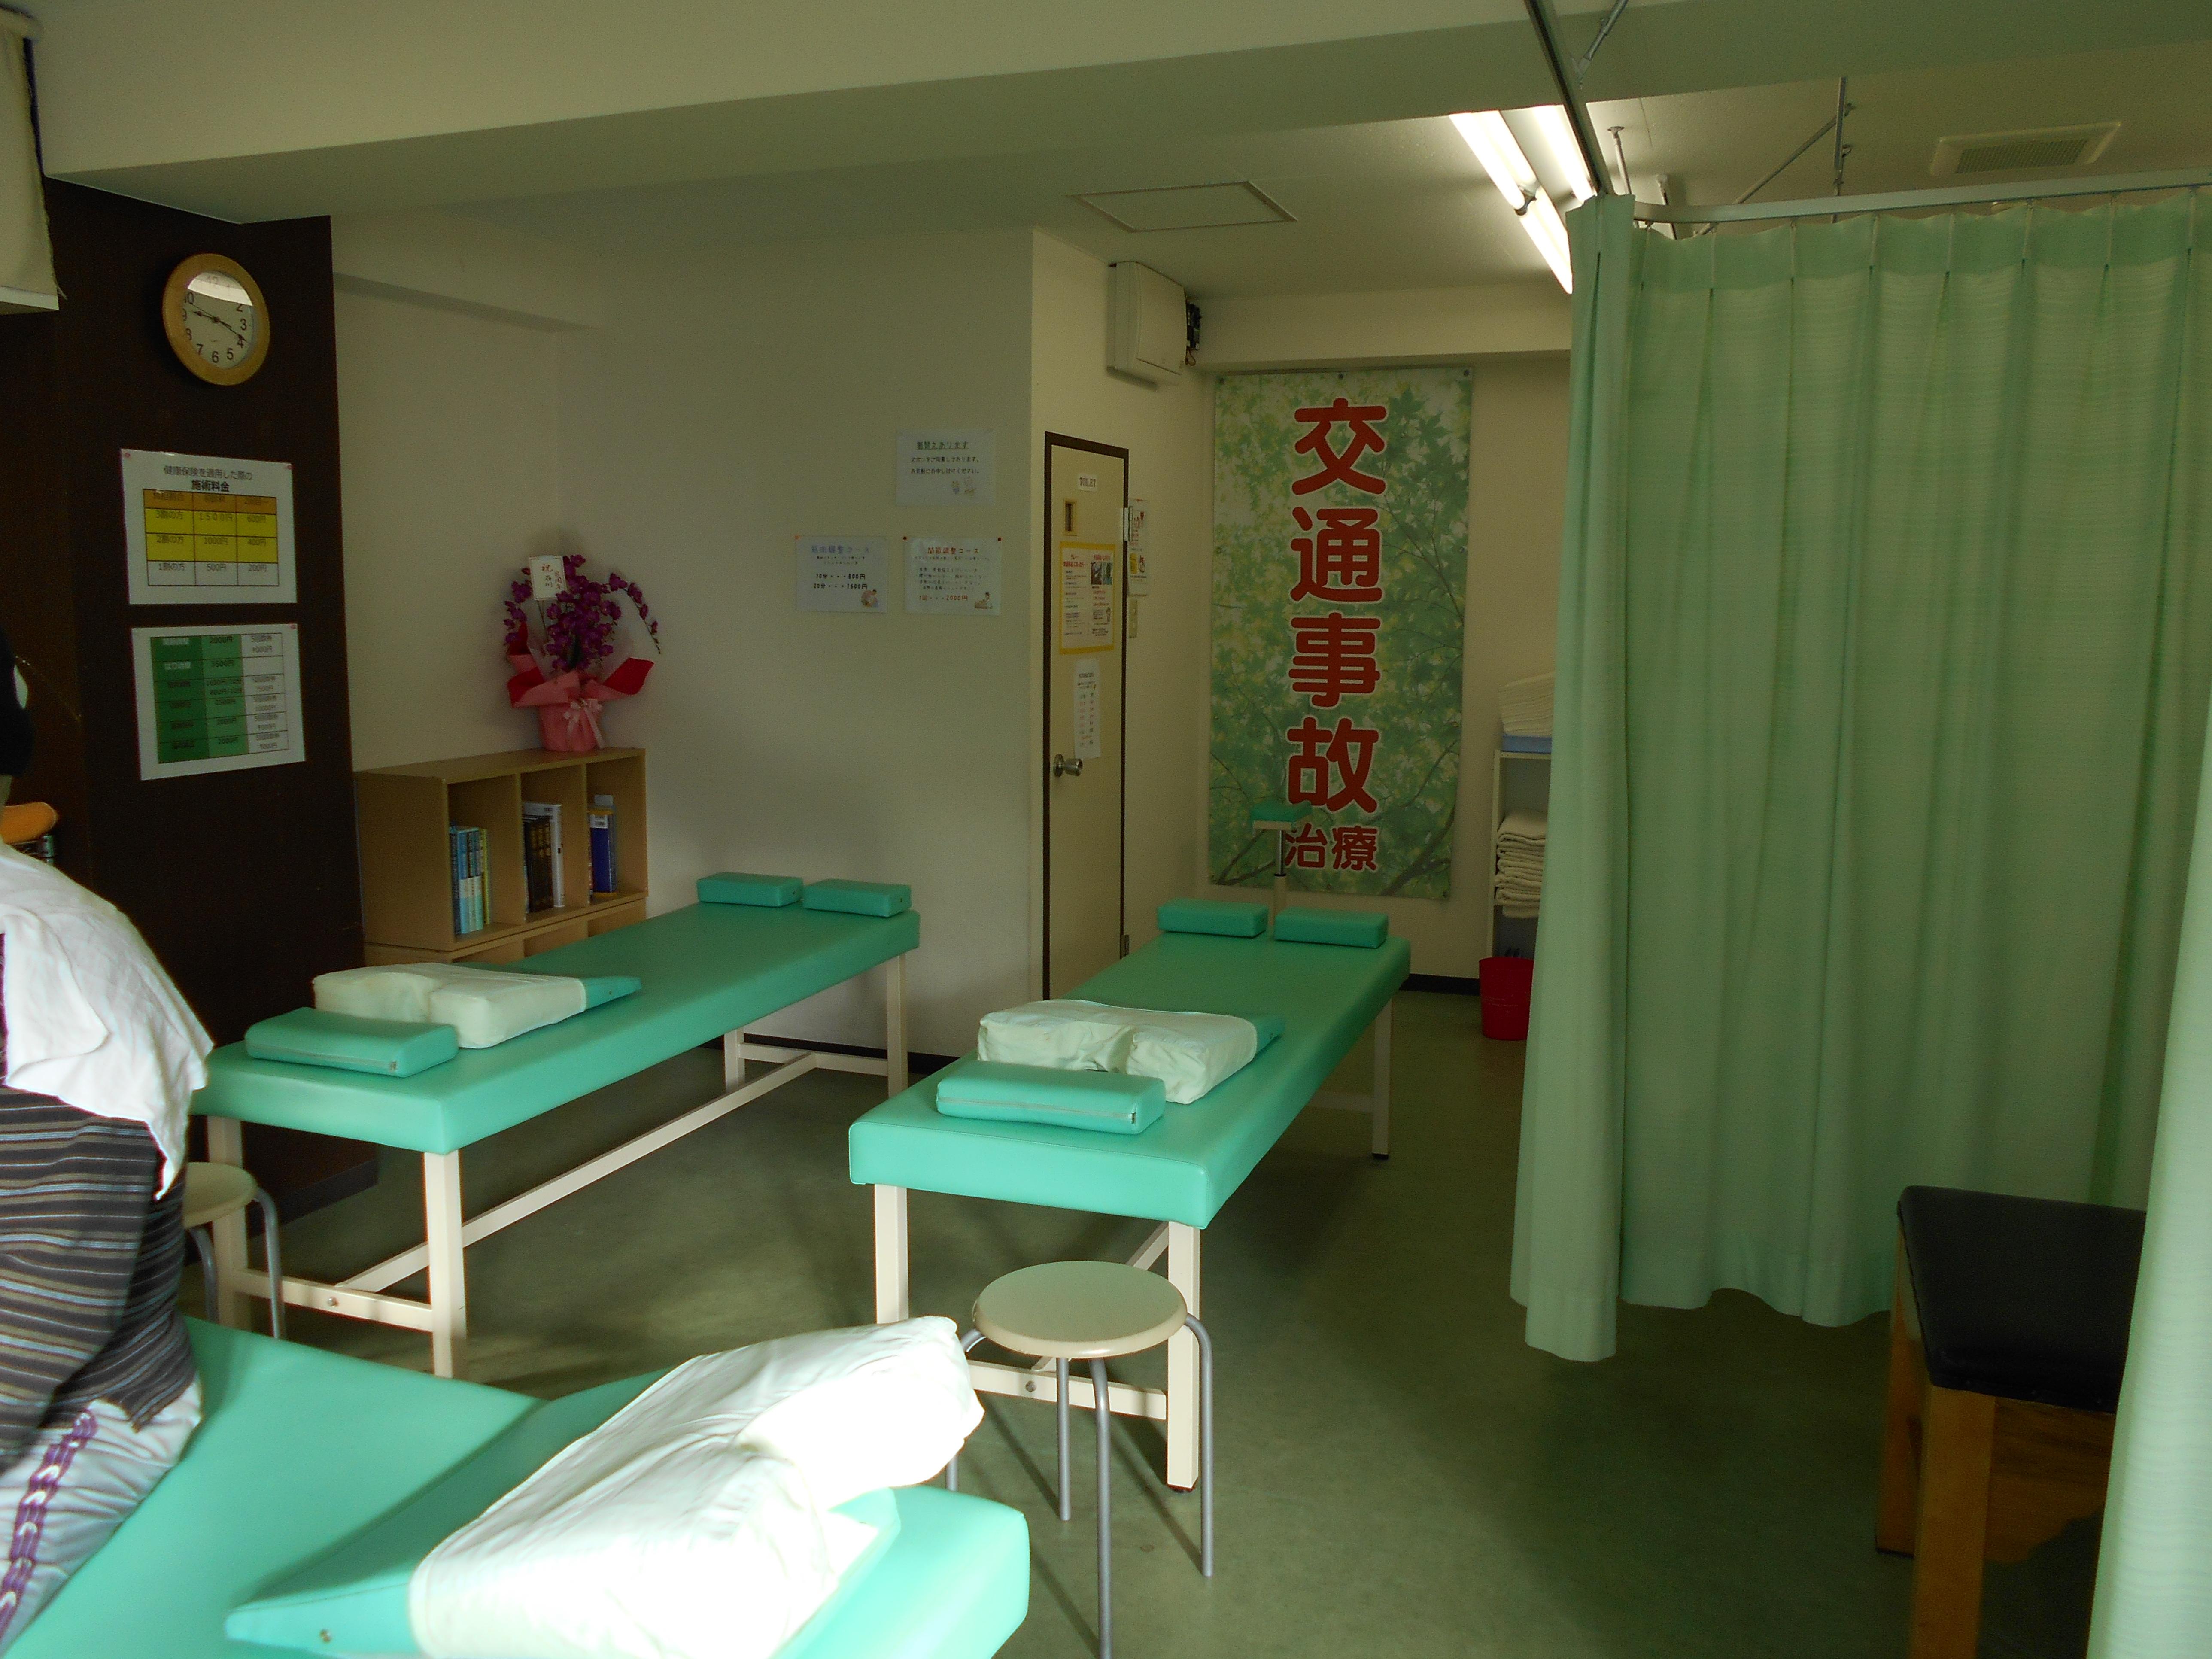 寒い時の頭痛を改善したい: 天仁接骨院 名古屋市東区